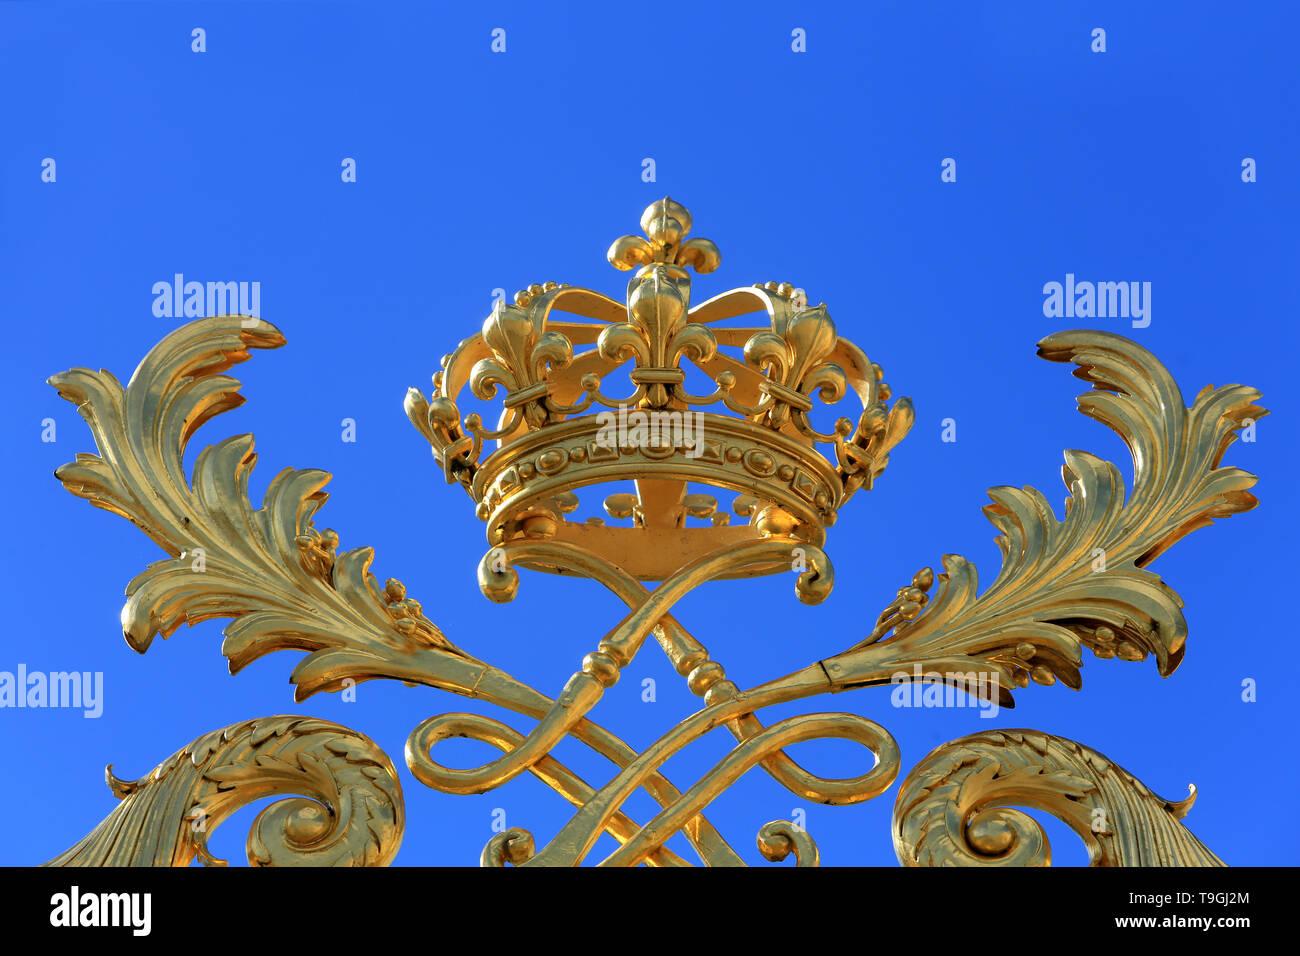 Courronne sur la grille d'entrée du Château de Versailles. / Crown on entrance grid of Palace of Versailles. - Stock Image